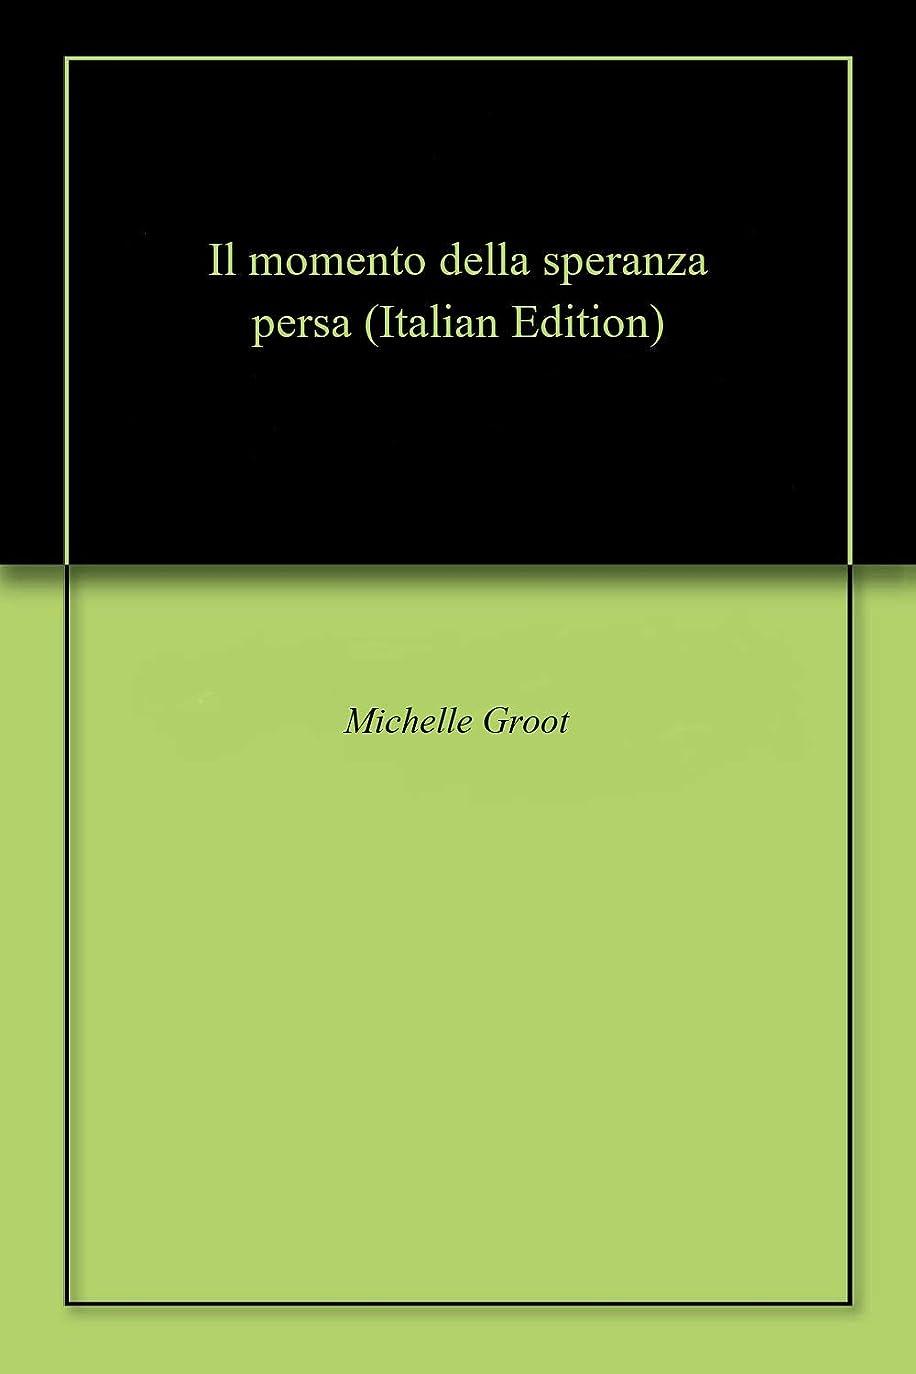 Il momento della speranza persa (Italian Edition)